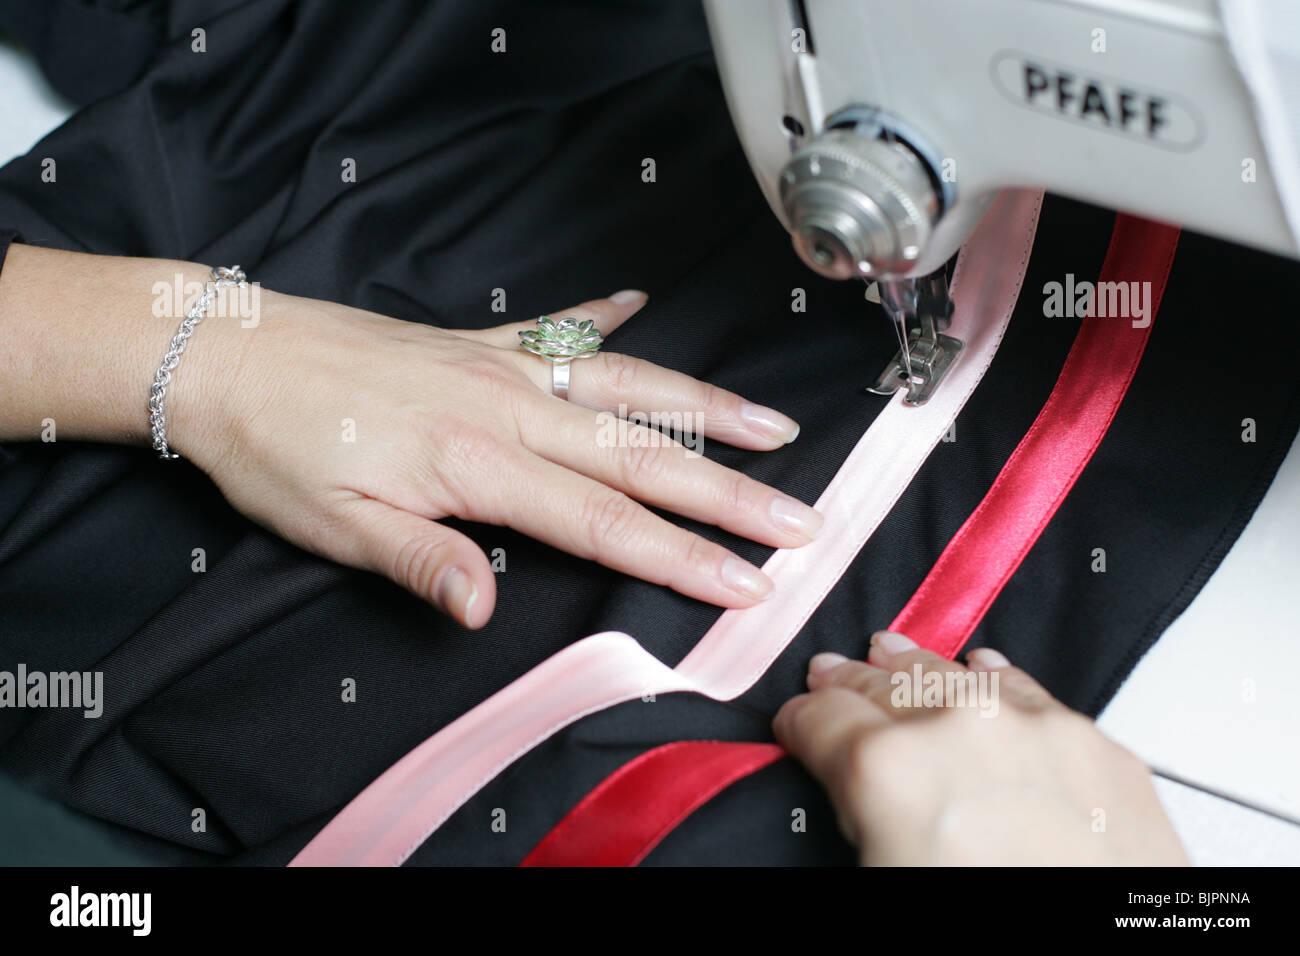 Mujer trabajando en una máquina de coser. Imagen De Stock